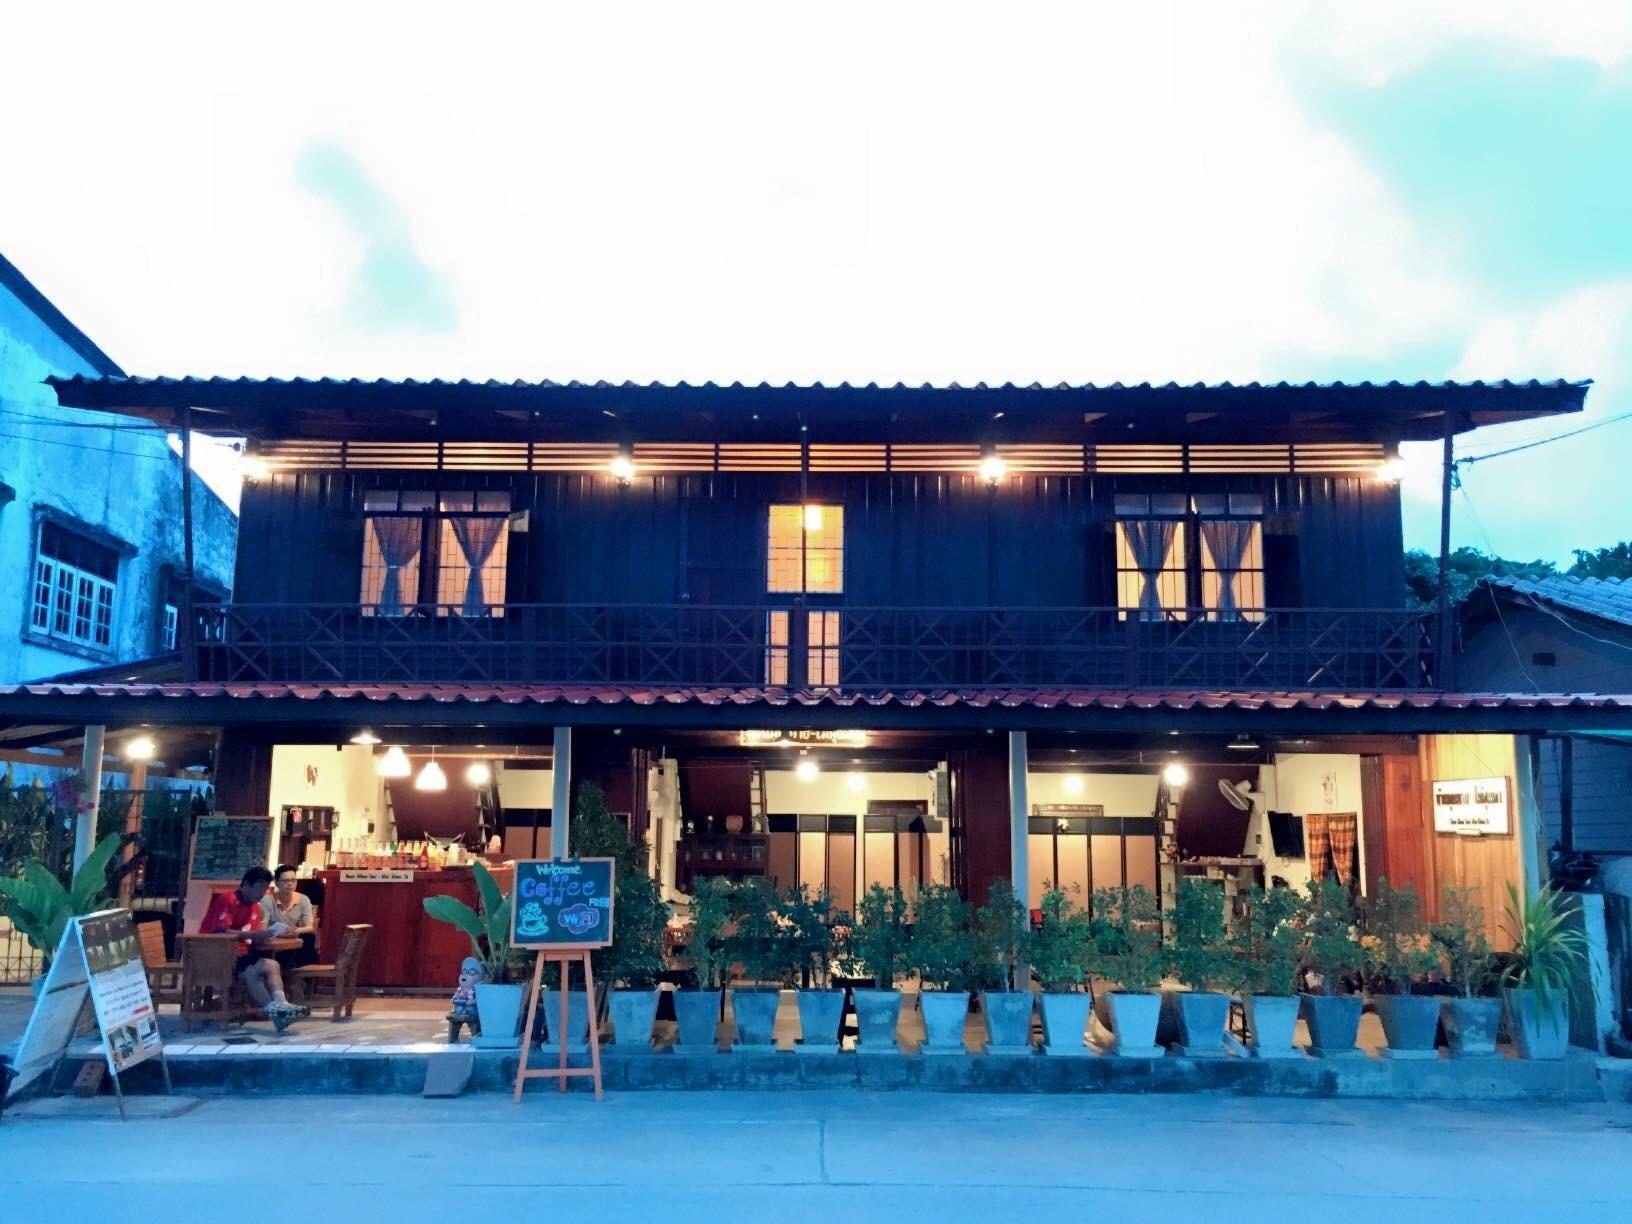 Baan Khun Yaai Mai Khun Ta,บ้านคุณยายไม้คุณตา